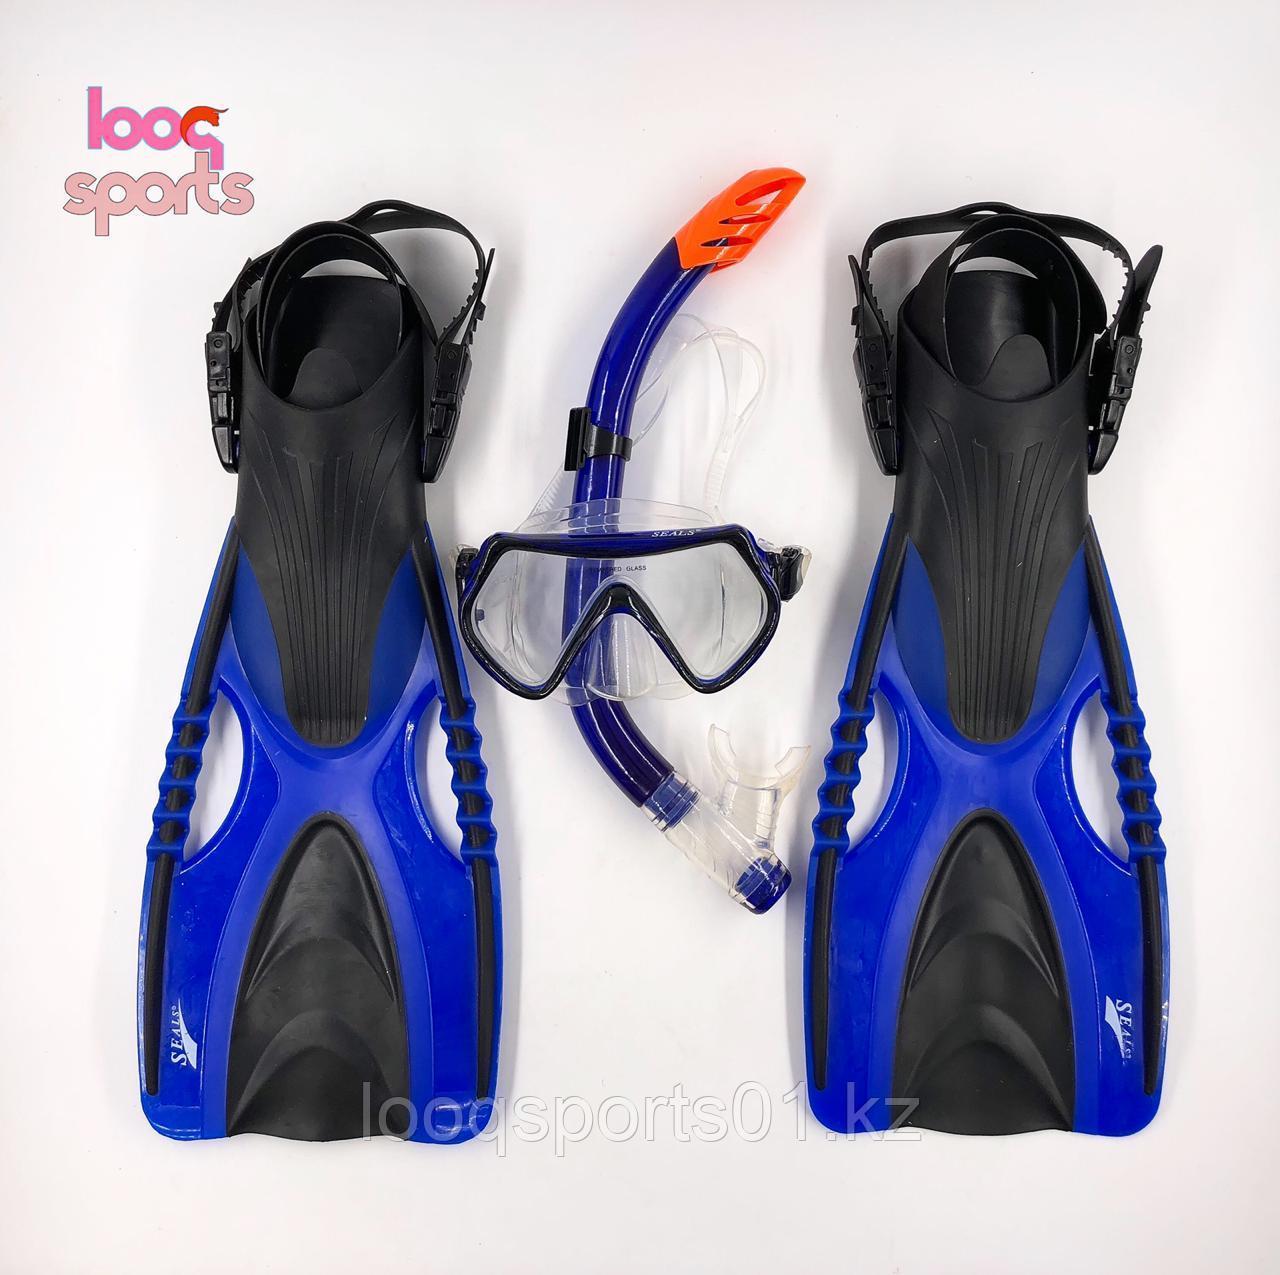 Набор для плавания 3в1 (маска, ласты, трубка, очки)